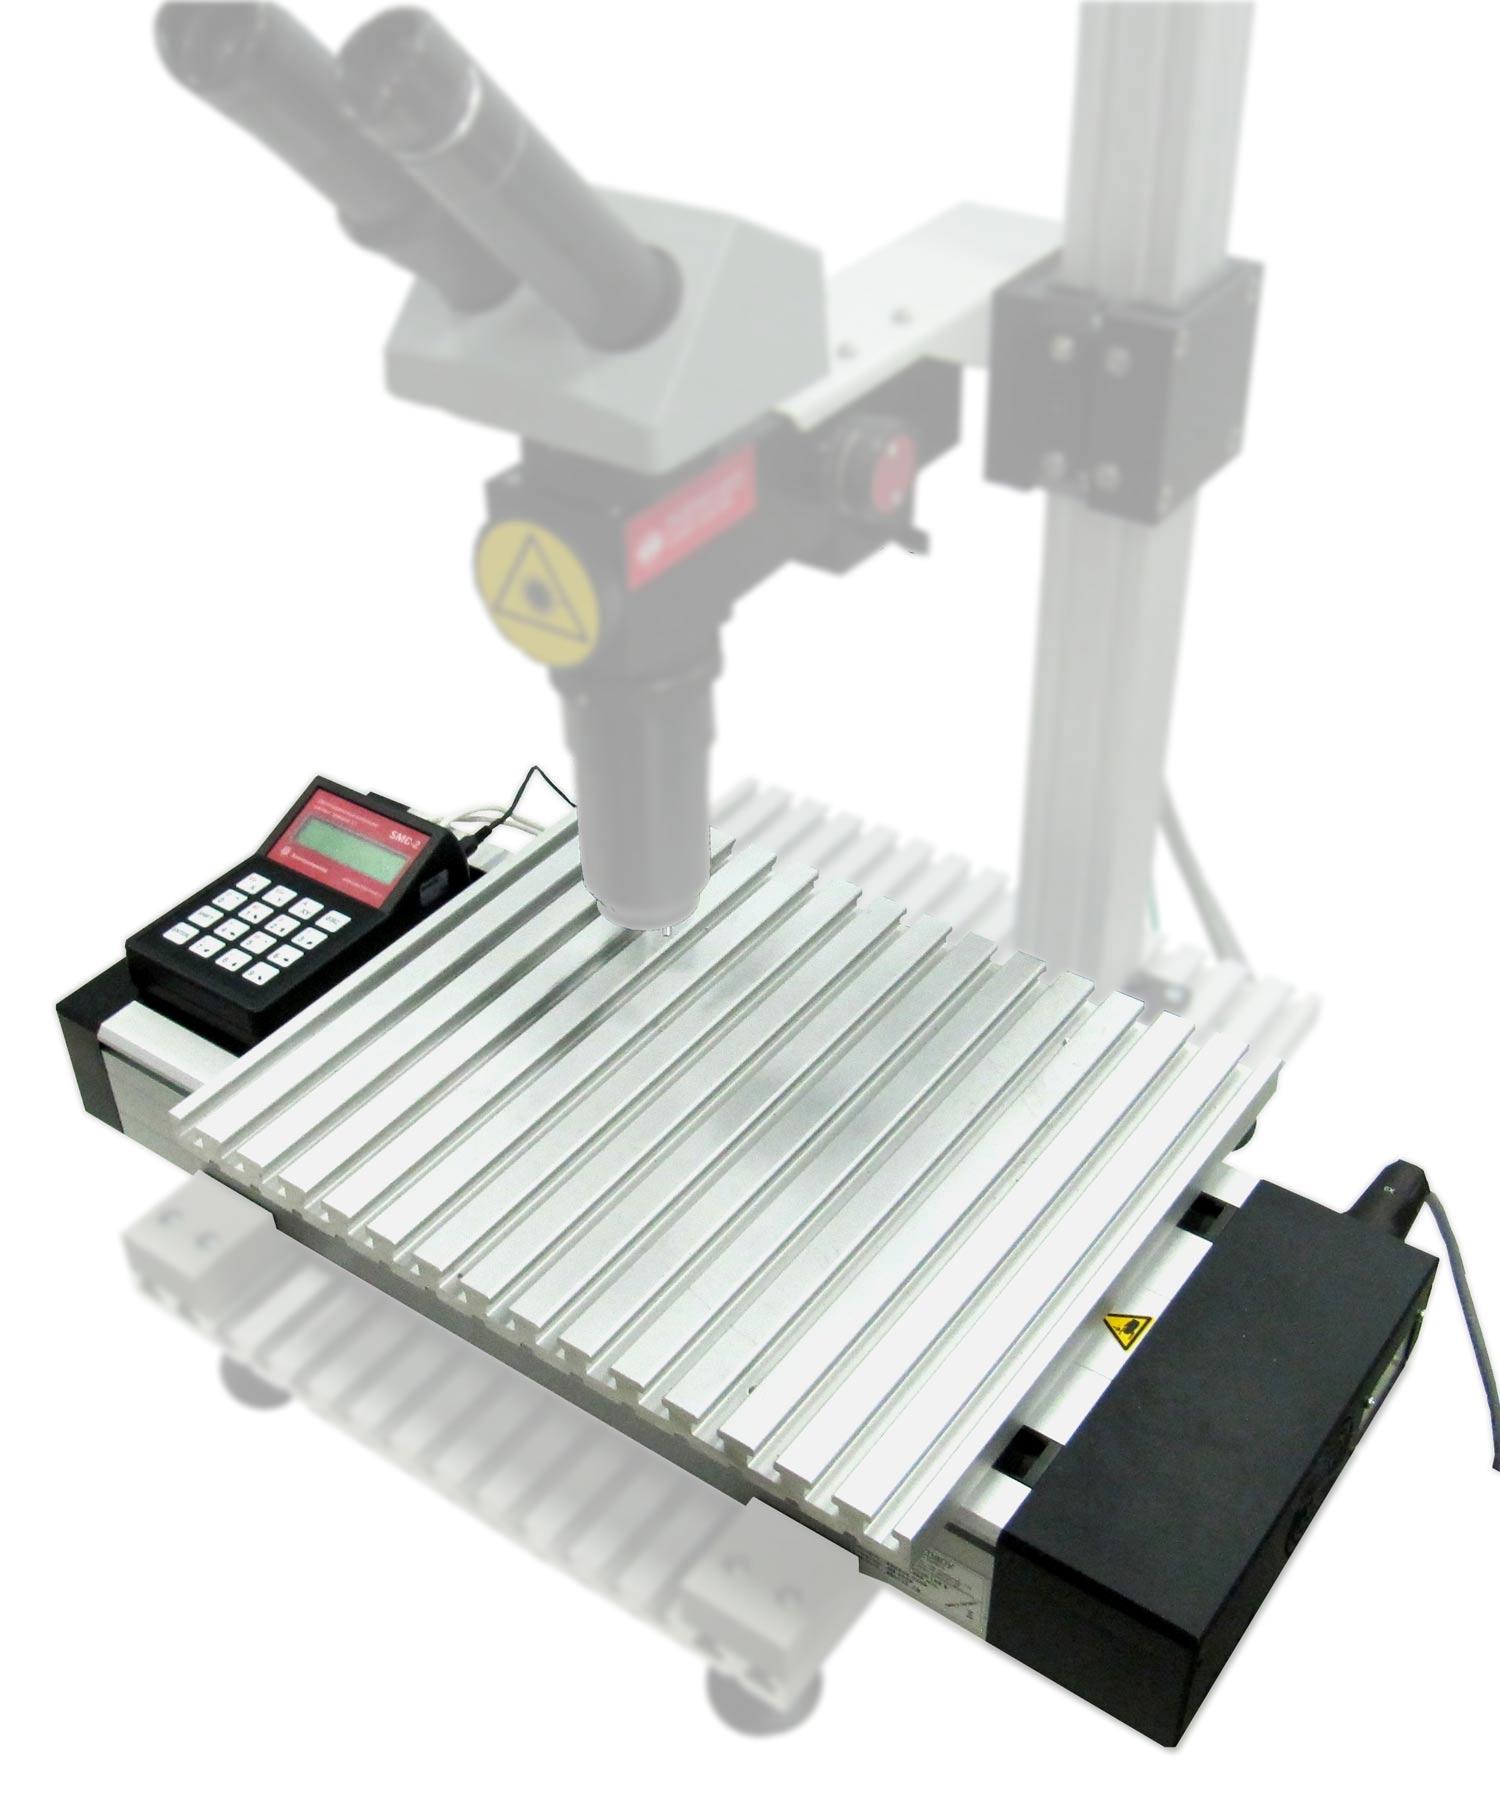 Аппараты для лазерной сварки своими руками фото 418